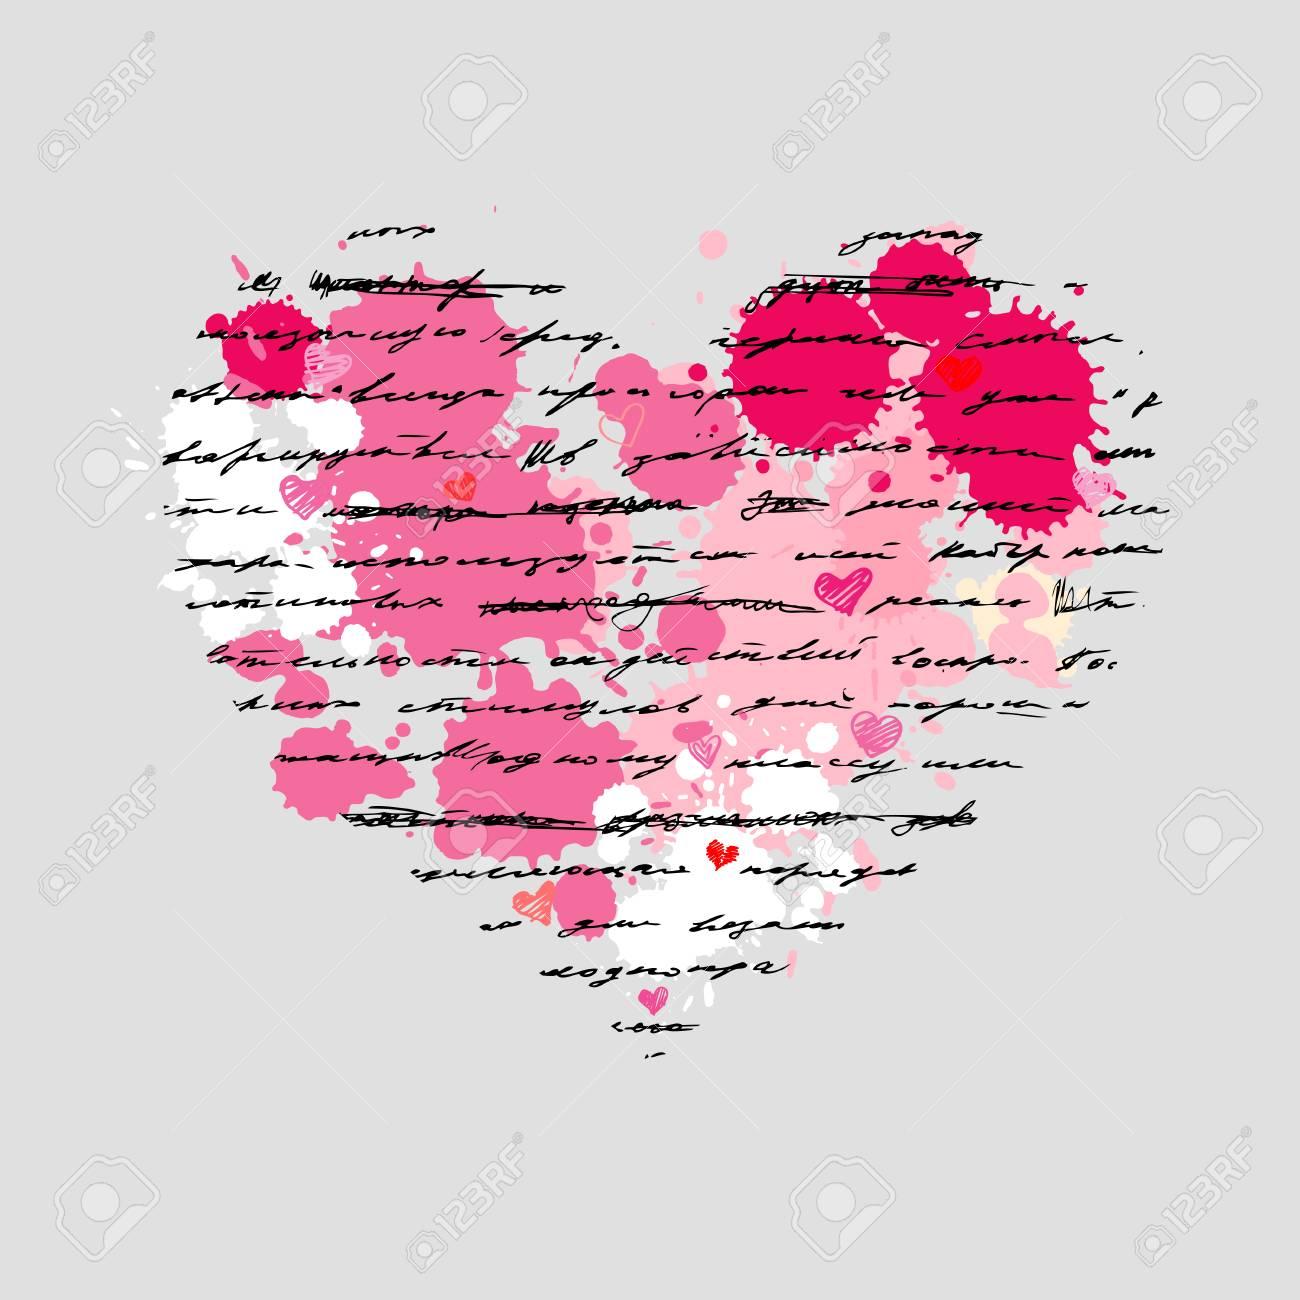 Heart design elements. Love. Handwriting vector background. Stock Vector - 23839282